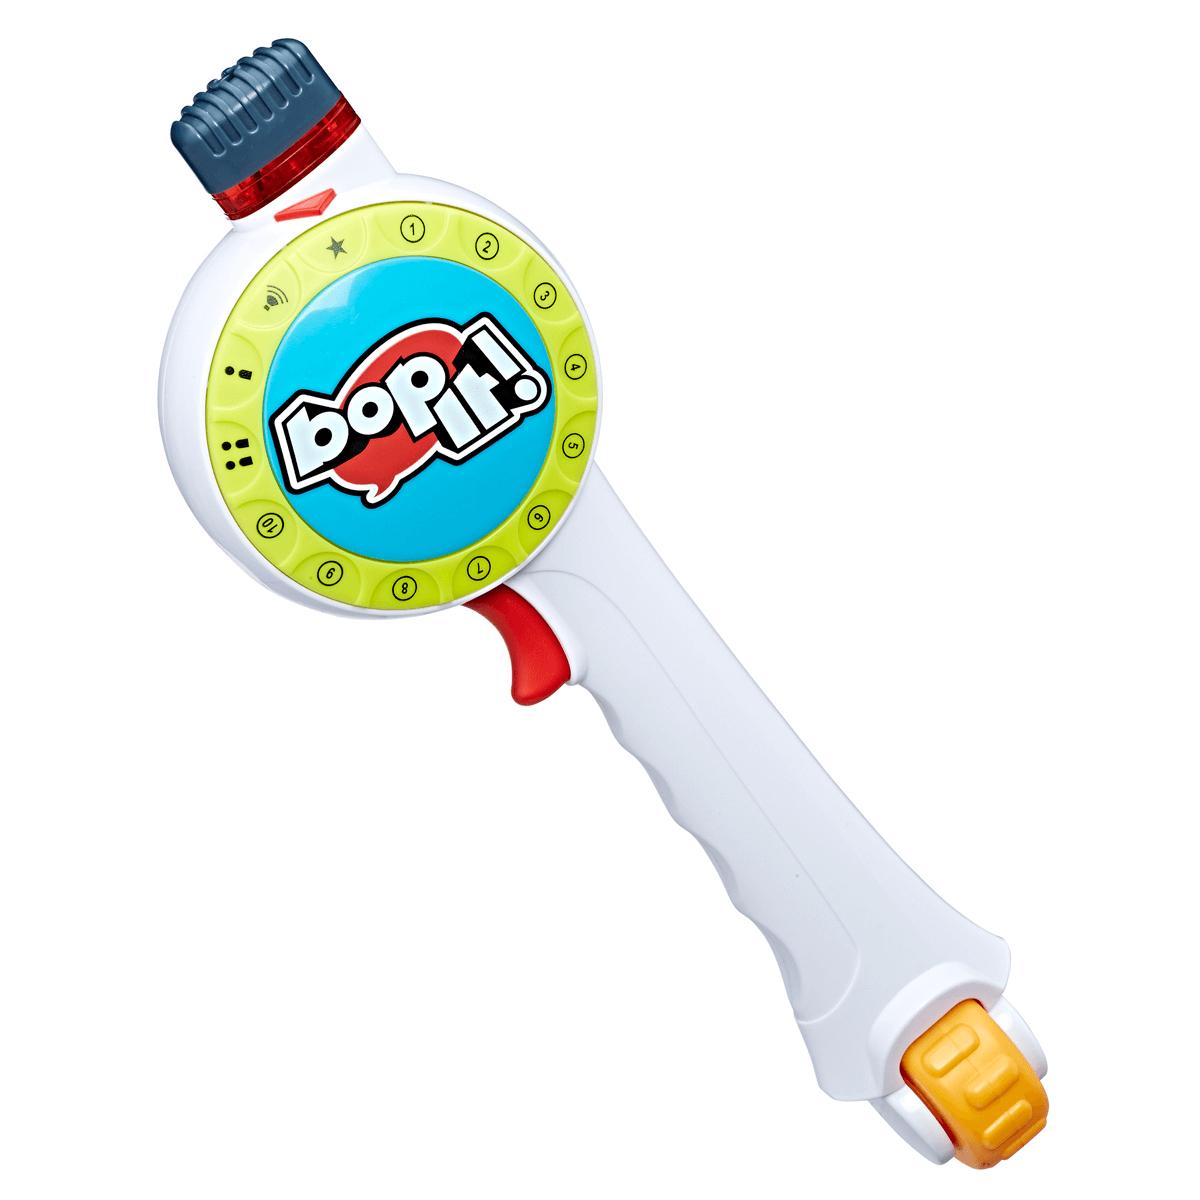 Bop It! Maker Game half price now £10 @ TheEntertainer